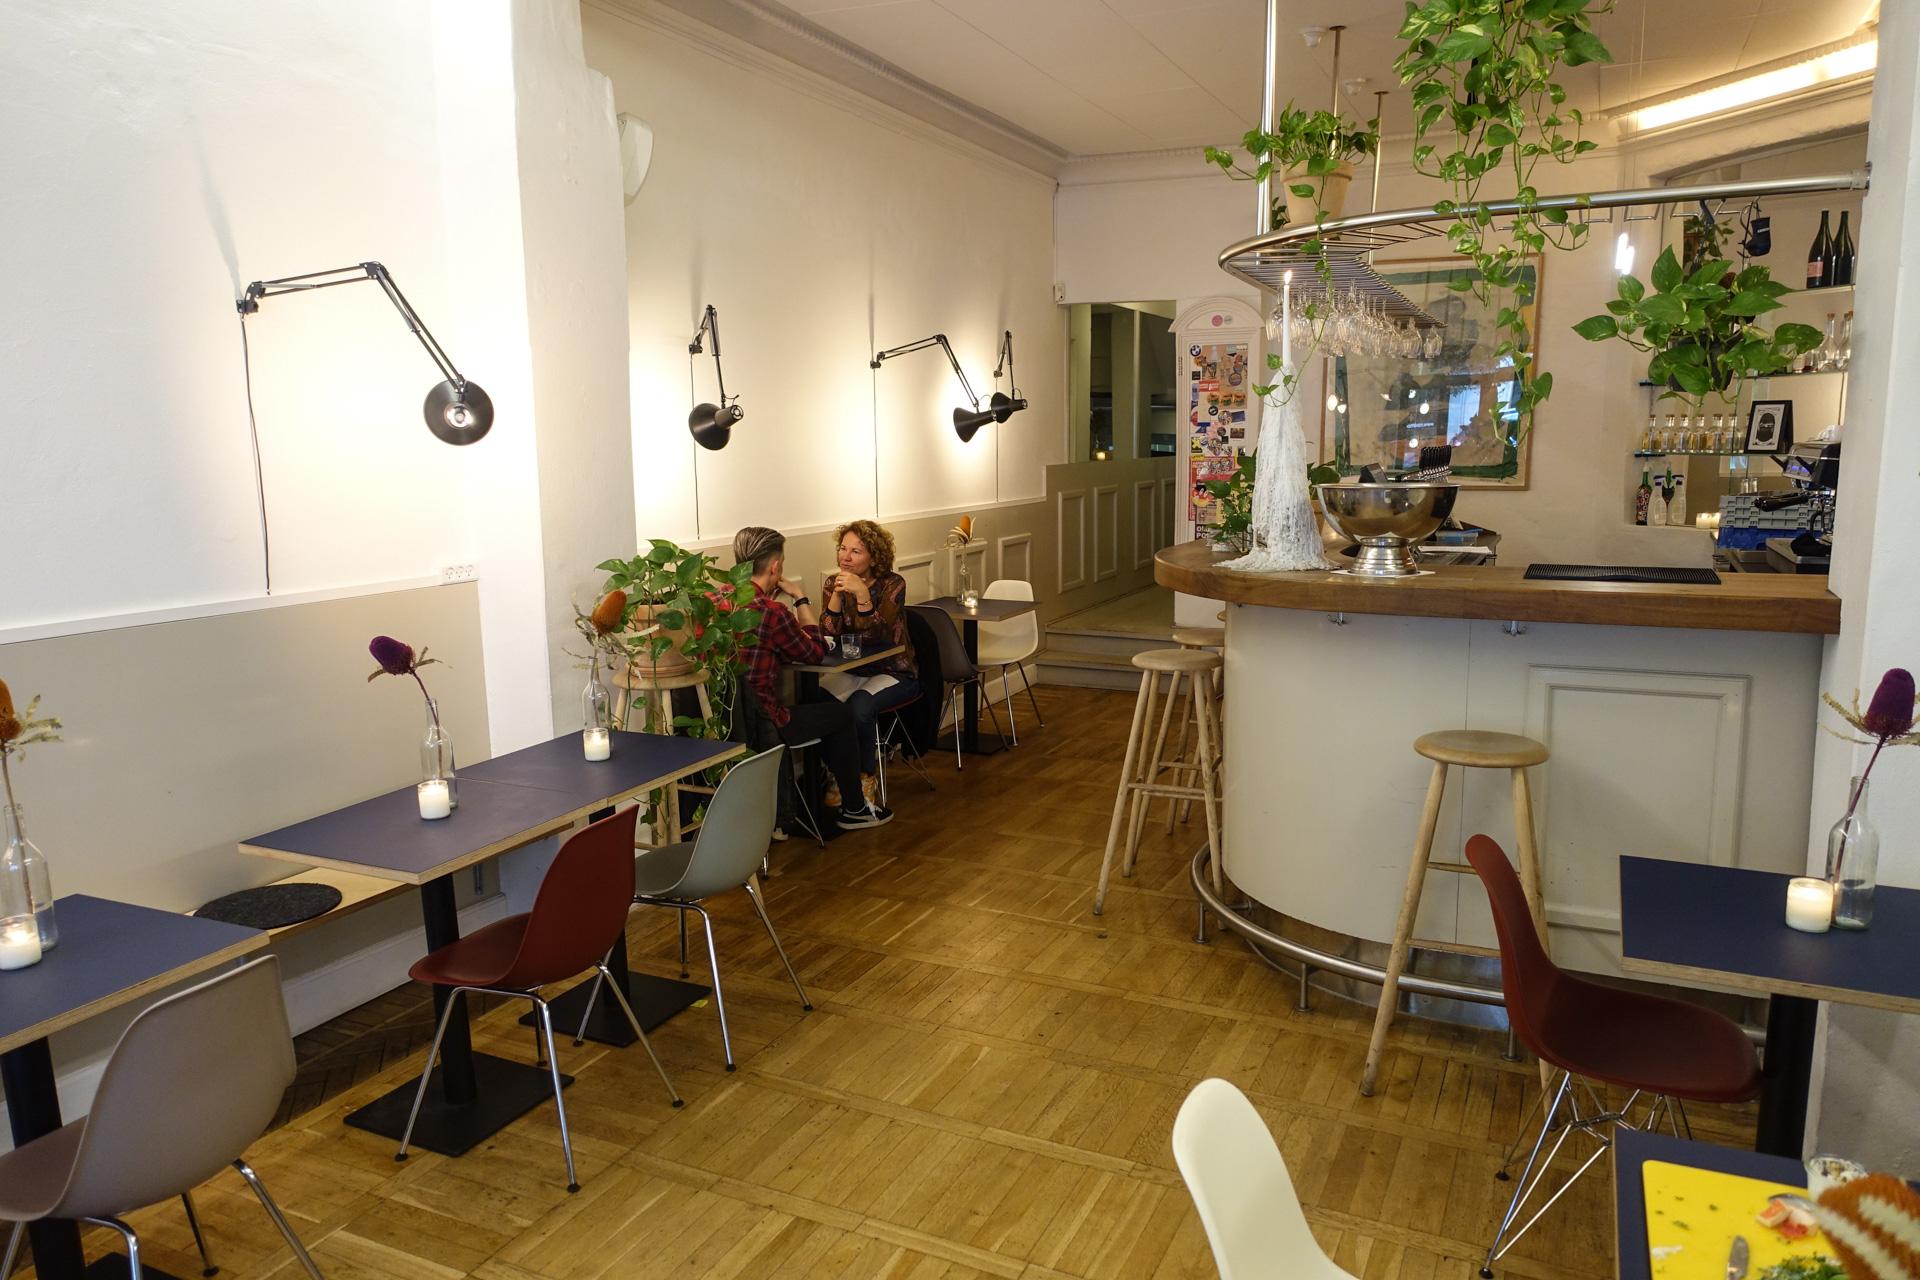 Madanmeldelse: Innovativ og smagfuld vegetarbrunch hos KOLO i Guldsmedgade